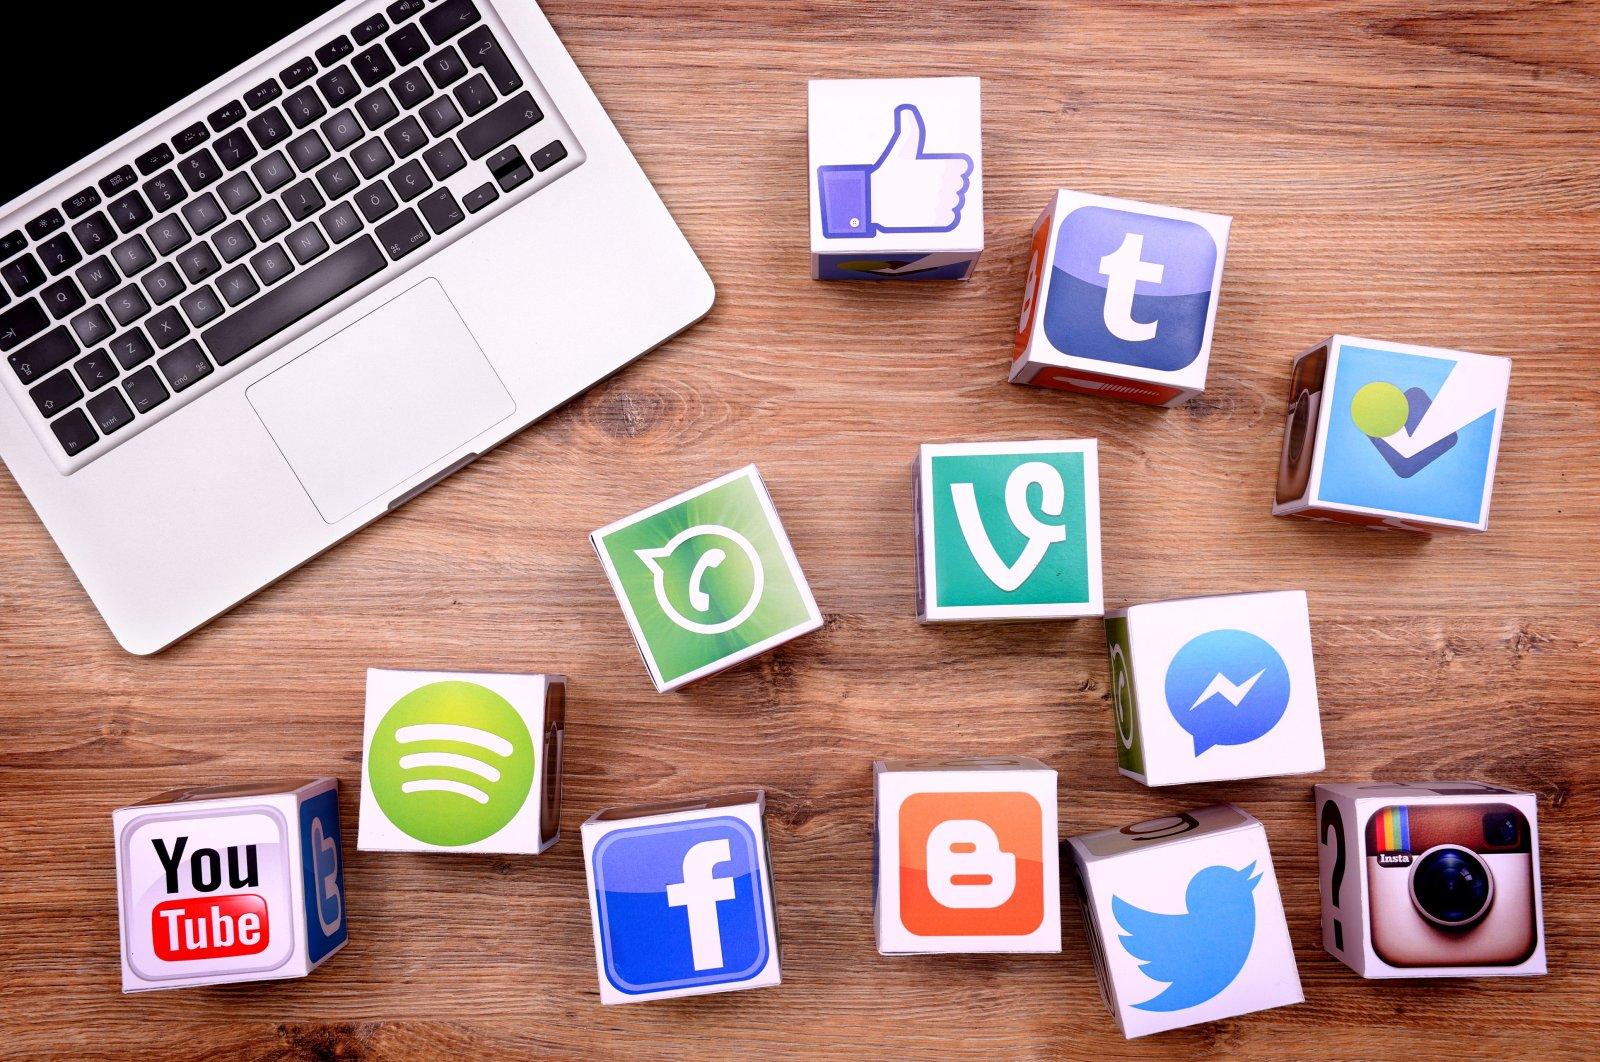 Uygun fiyata kaliteli instagram ve tiktok takipçi satın alabileceğiniz güvenilir site